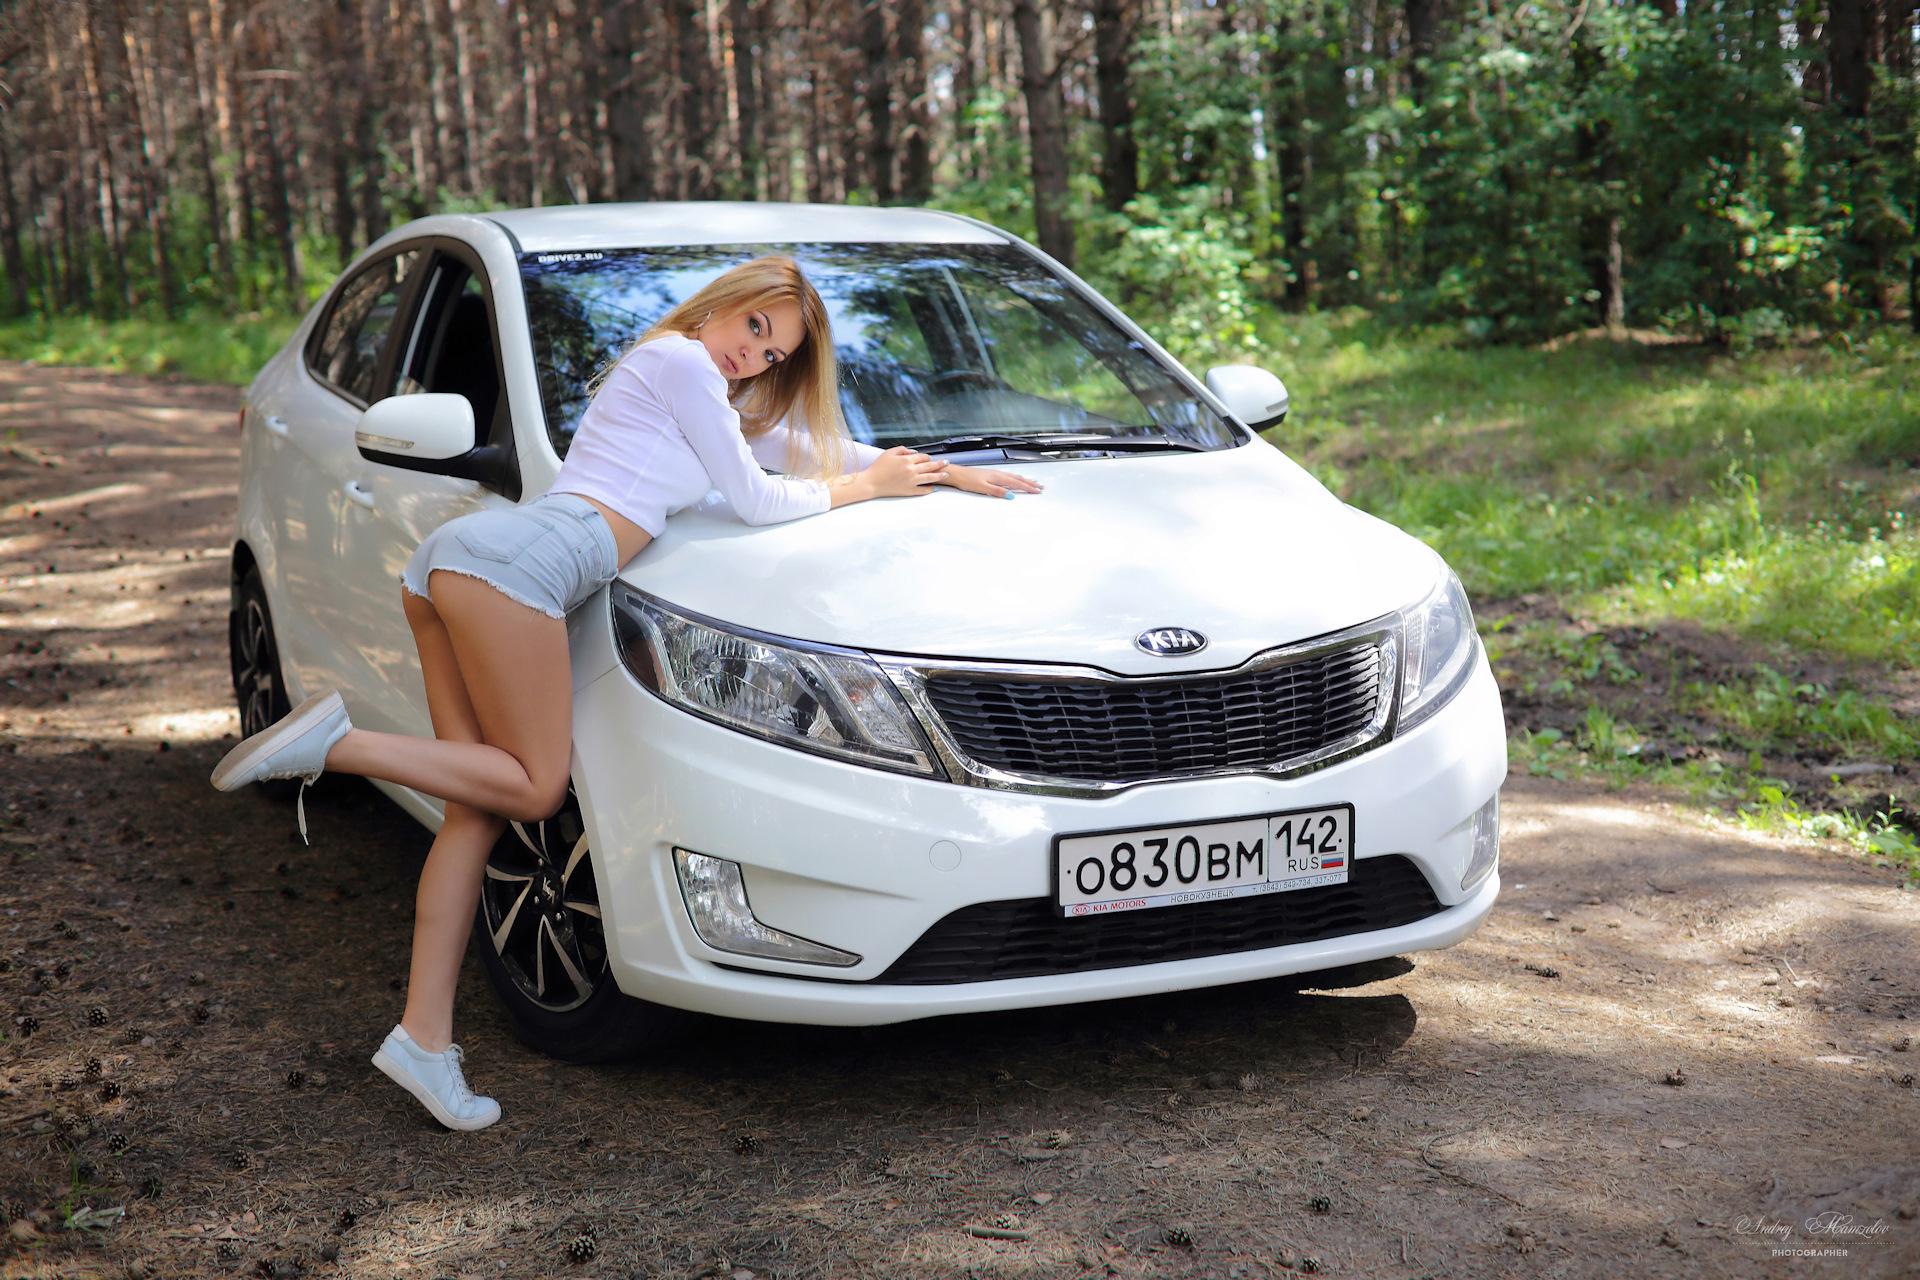 Картинка: KIA, автомобиль, девушка, блондинка, лес